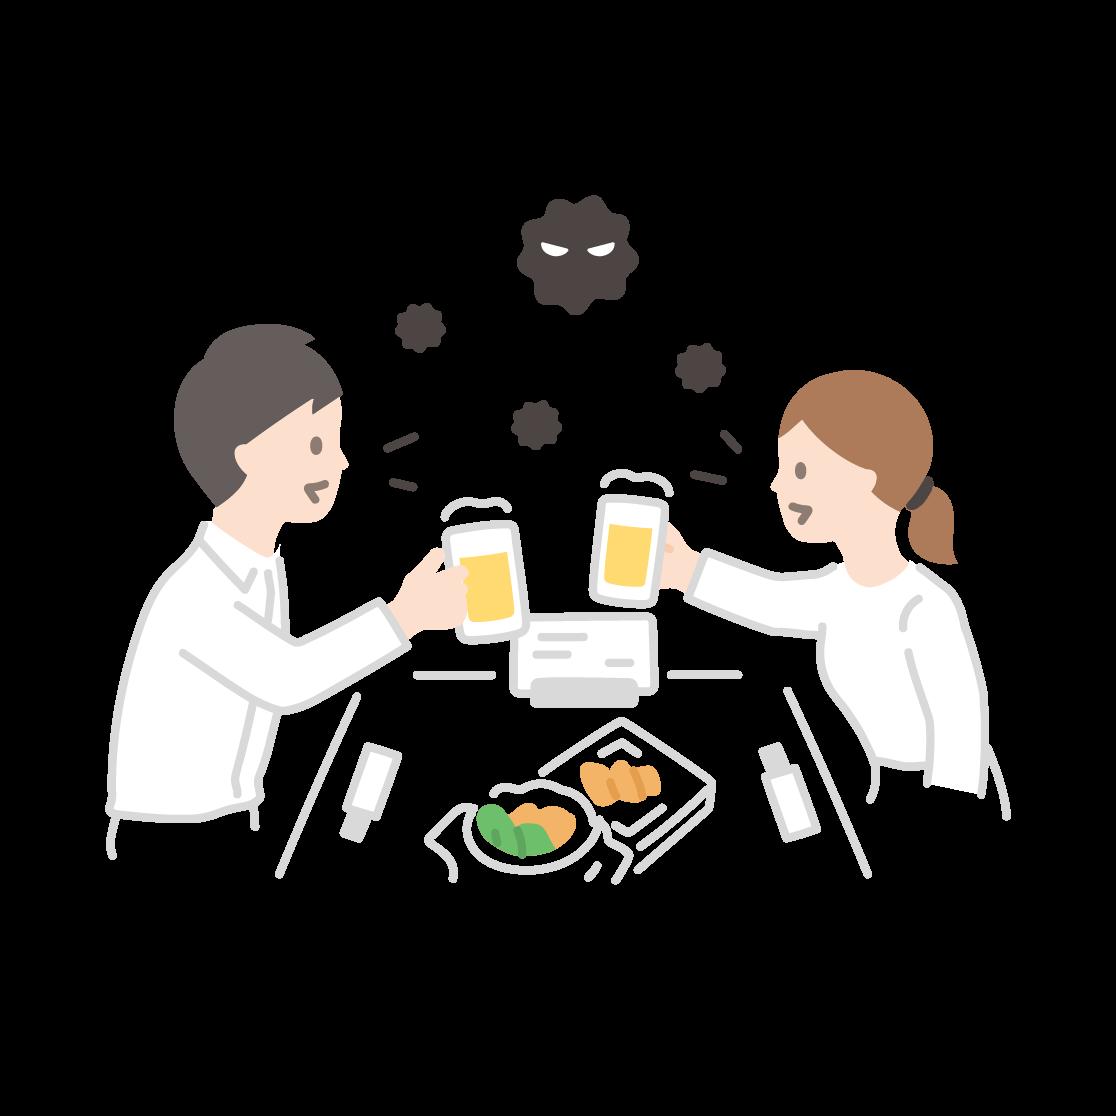 飲食(飛沫)の塗りイラスト